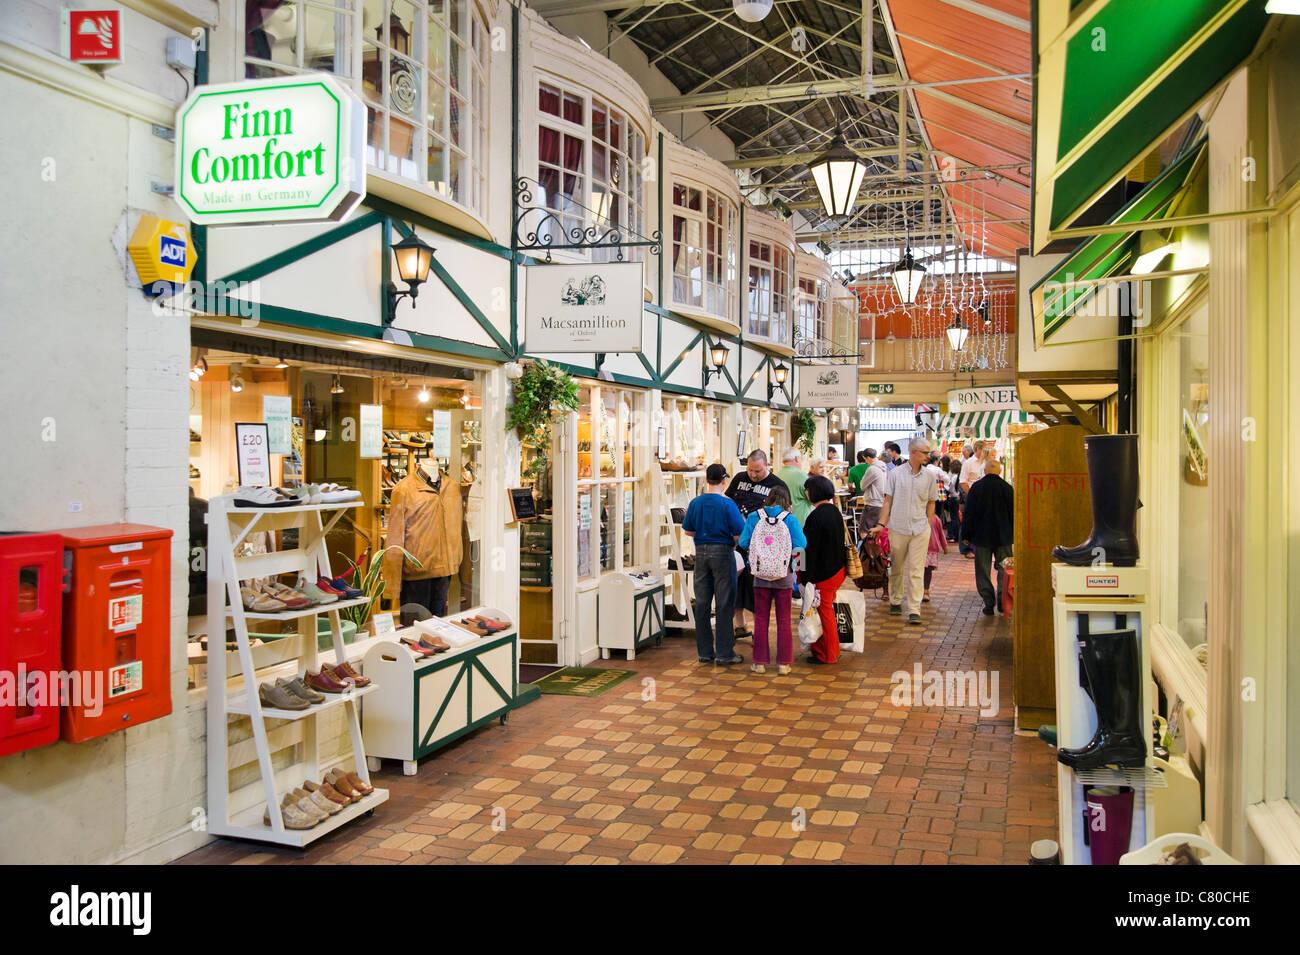 Geschäfte und Stände in der Markthalle, Oxford, Oxfordshire, England, UK Stockbild